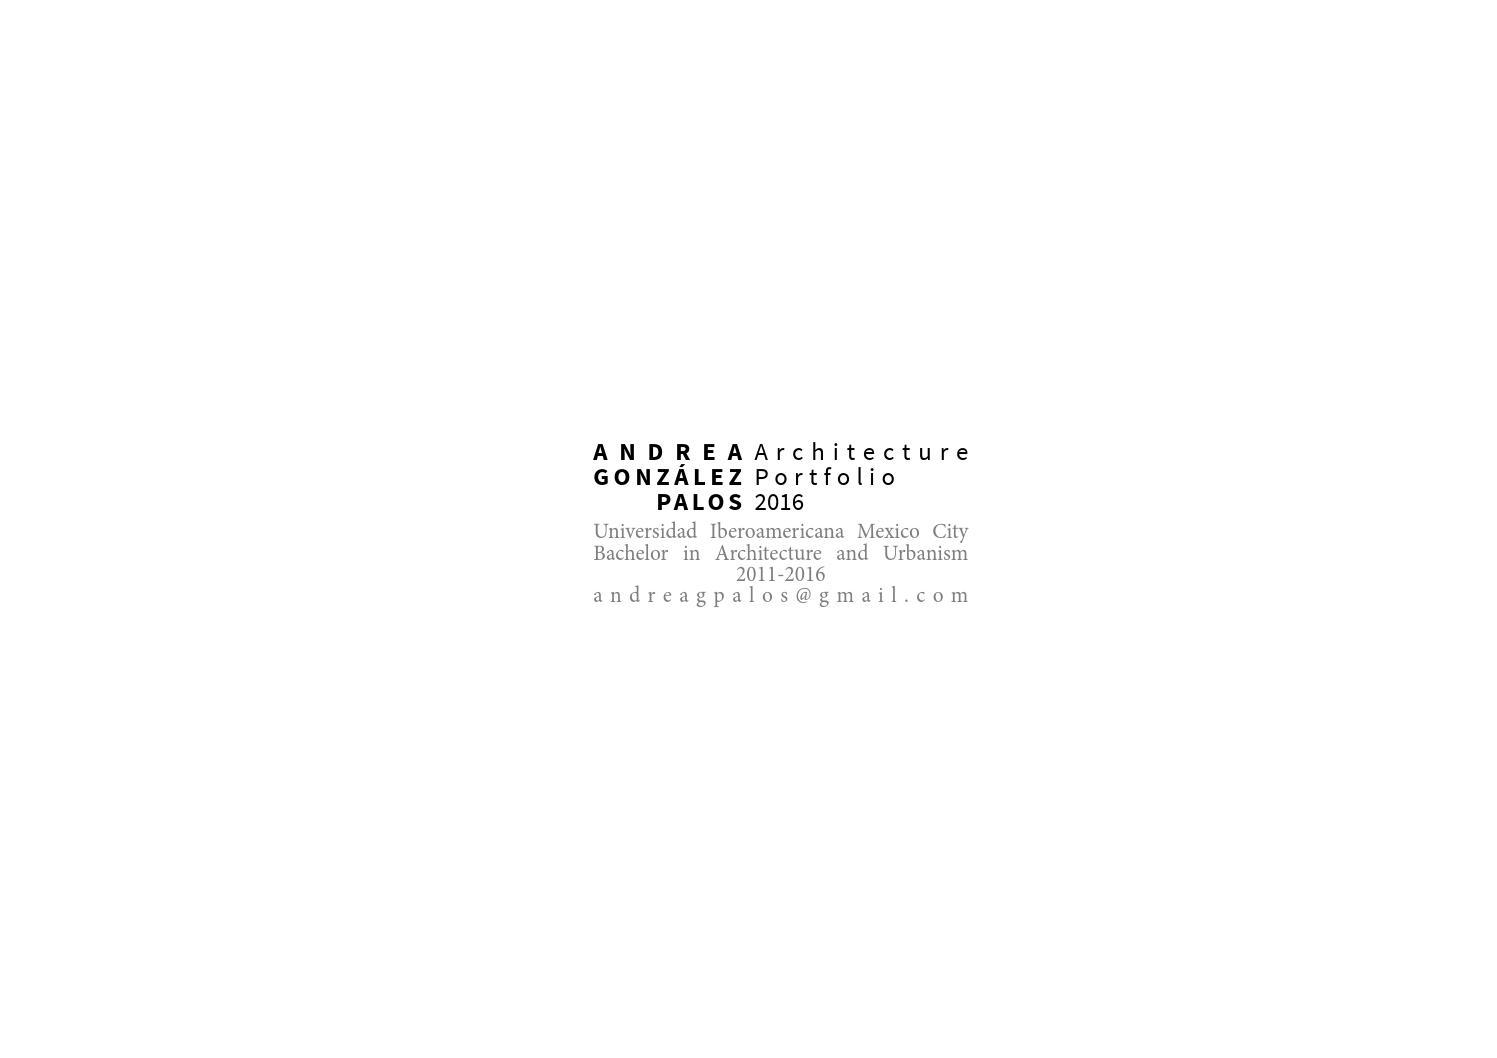 Andrea Gonz Lez Architecture Portafolio 2016 By Andrea Gonz Lez  # Muebles Ricaldi